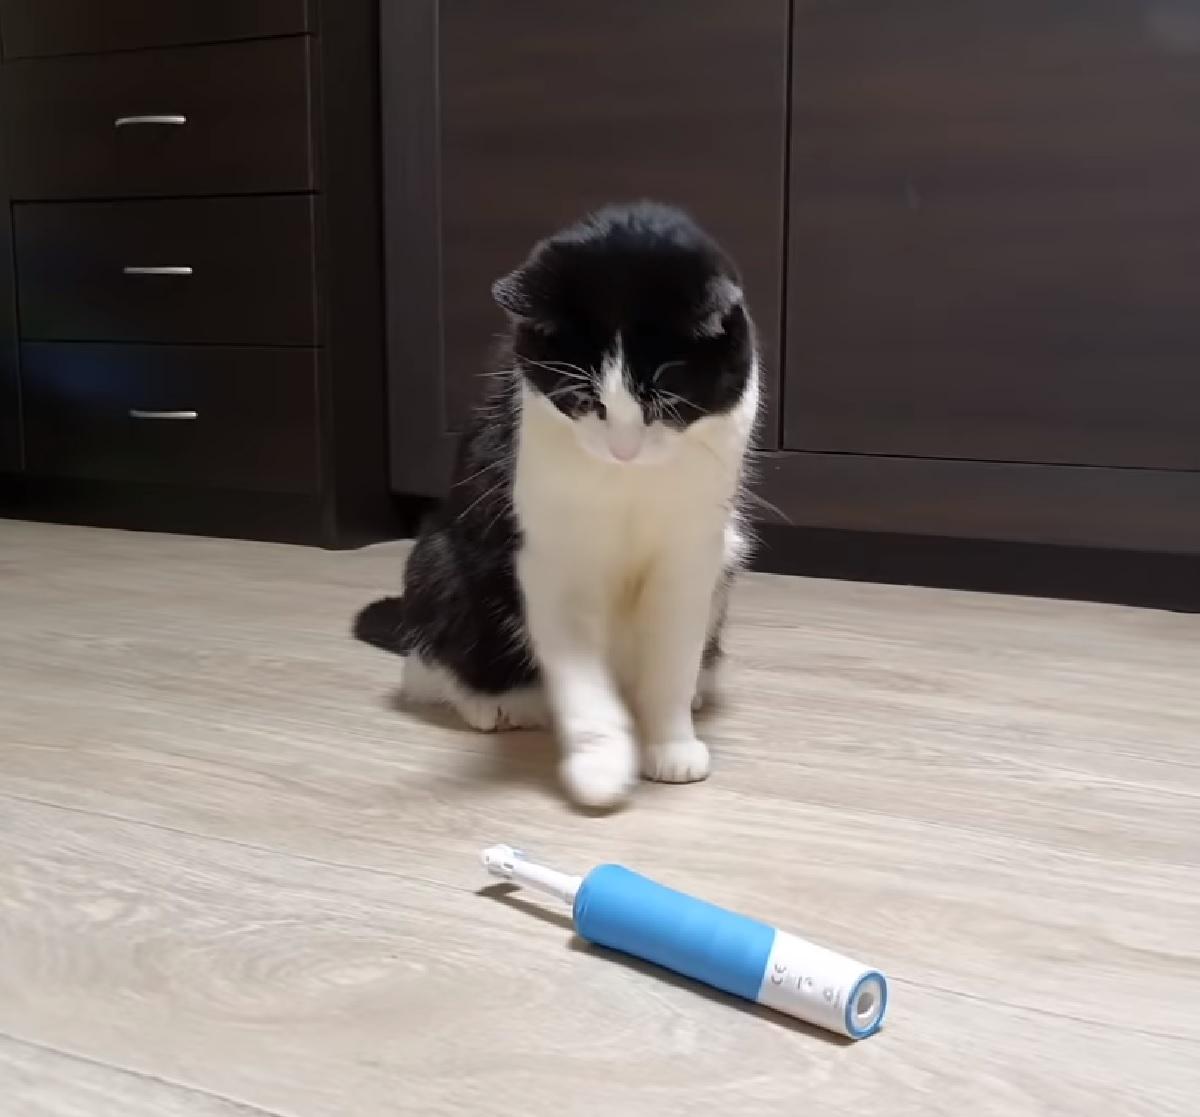 pusic gatto ipnotizzato spazzolino